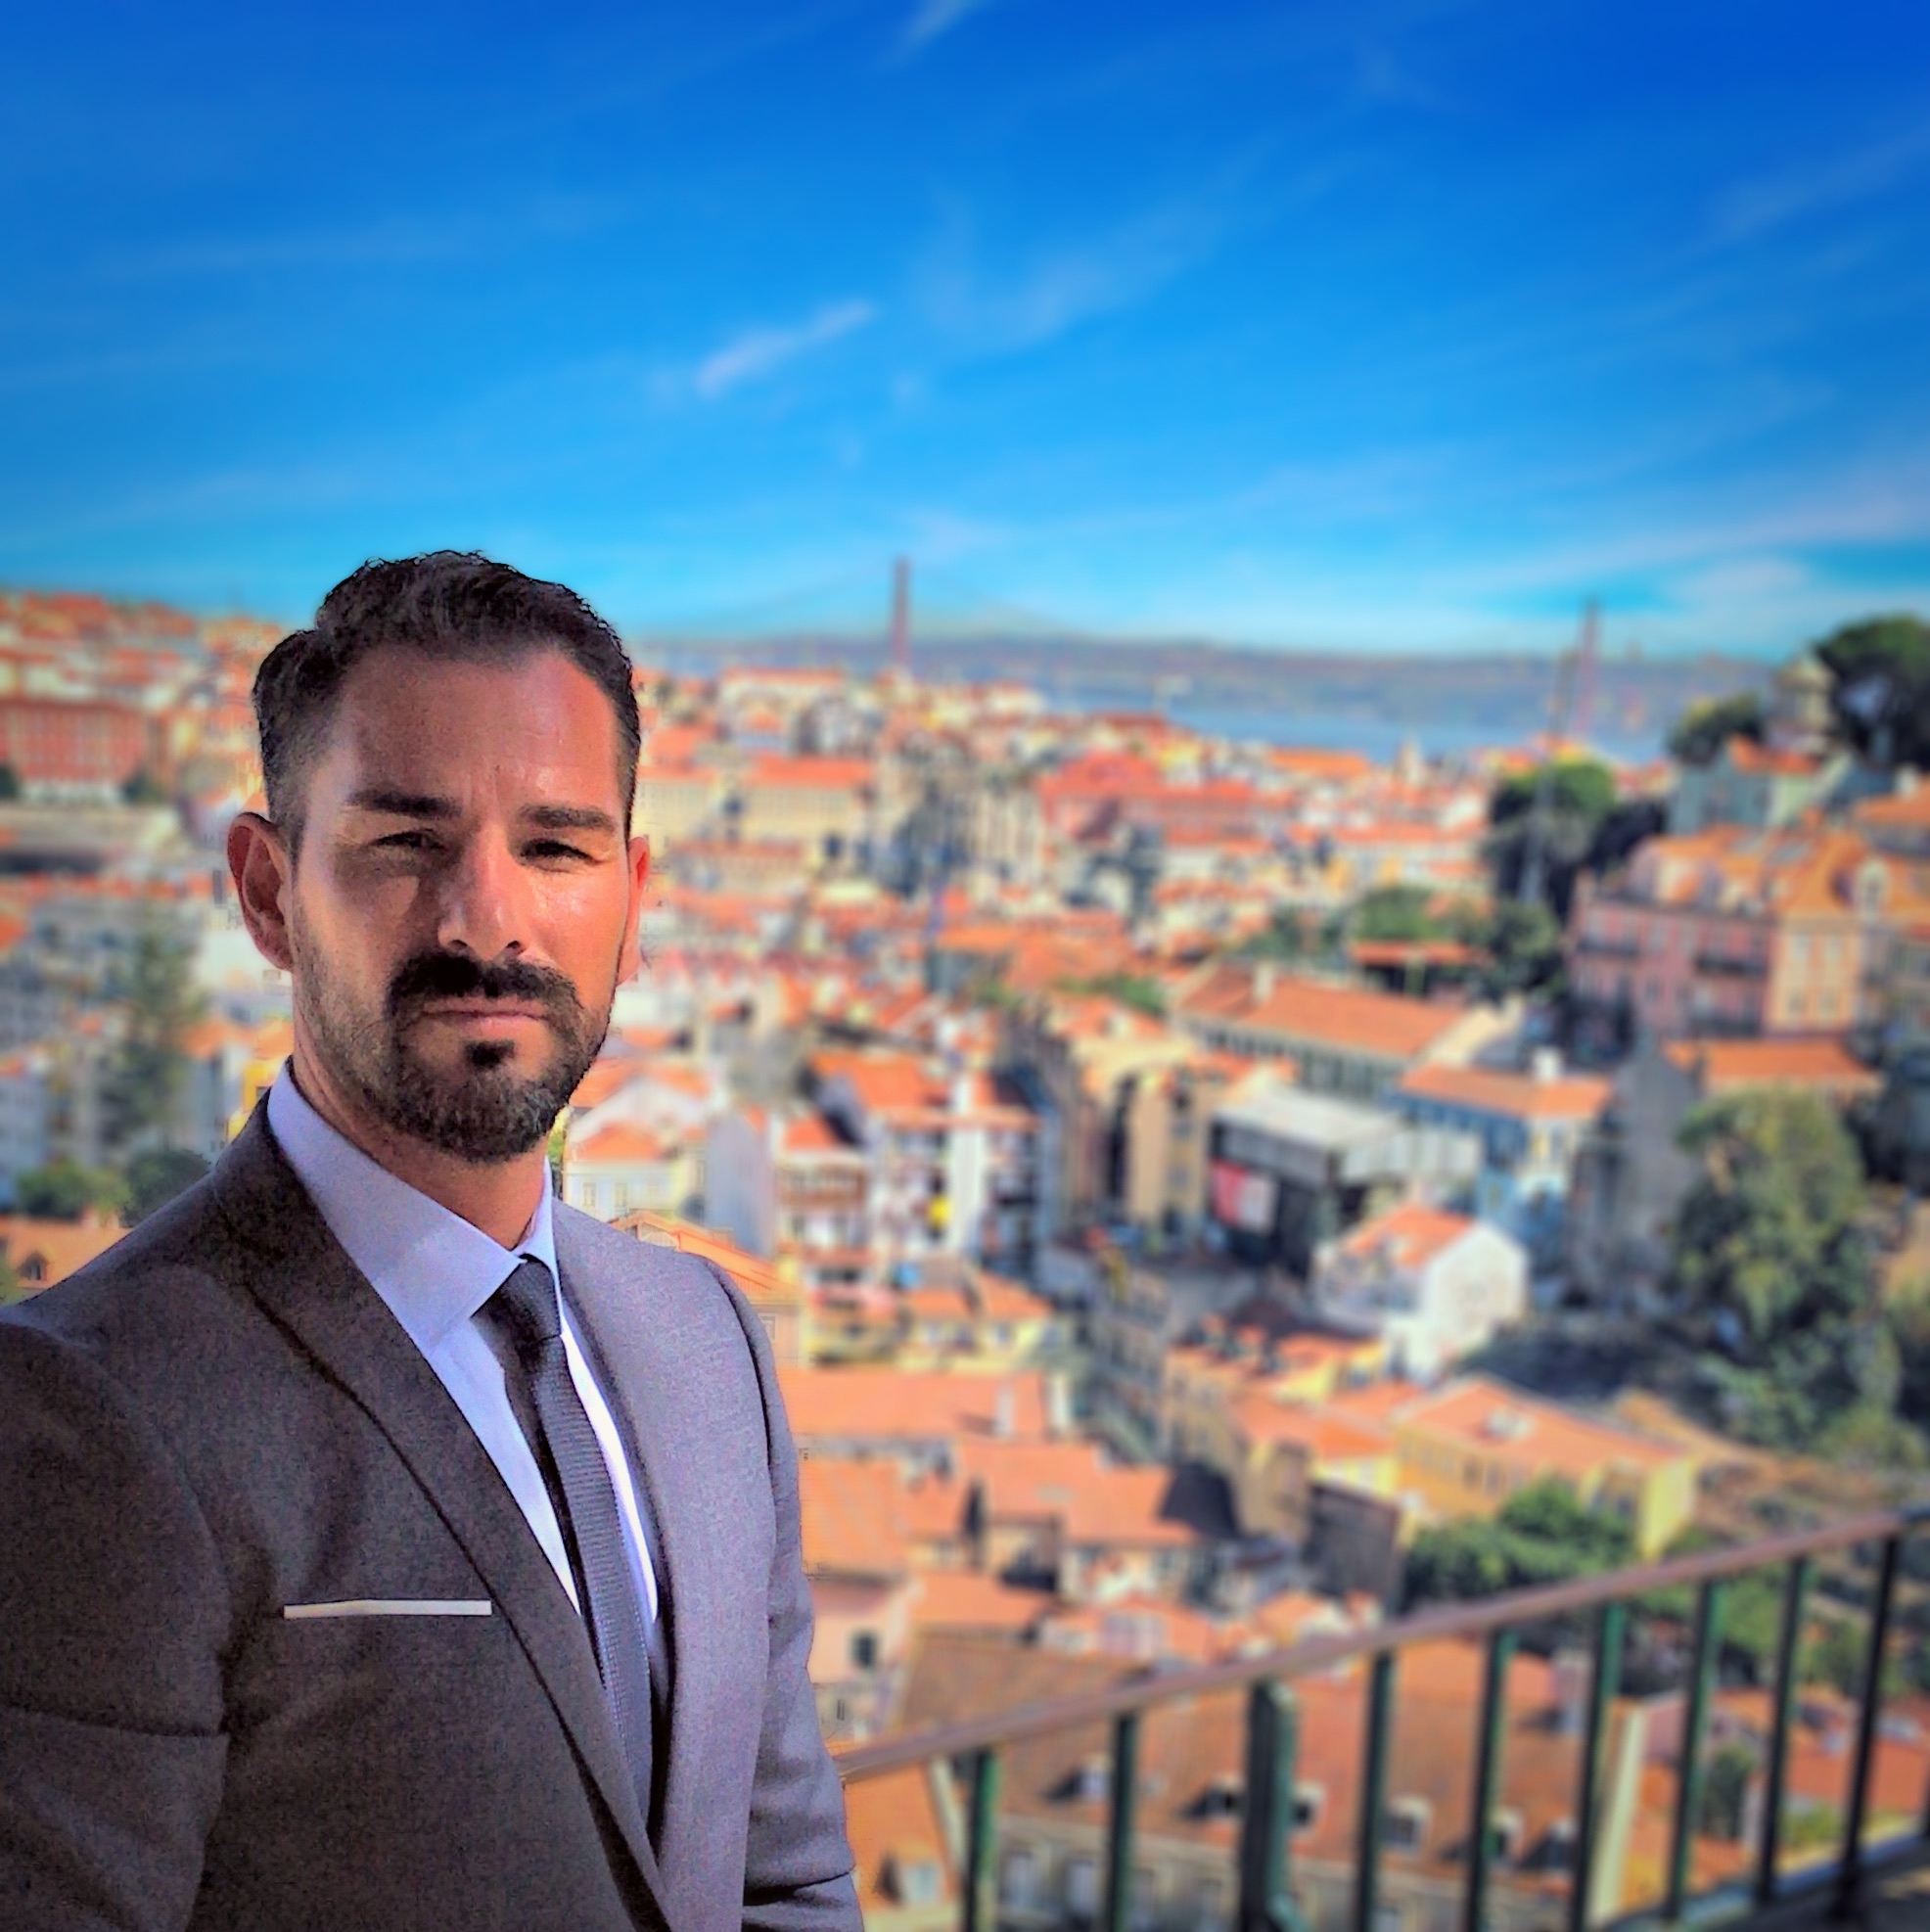 Helder Batista Coldwell Banker City casafari metasearch real estate imobiliária